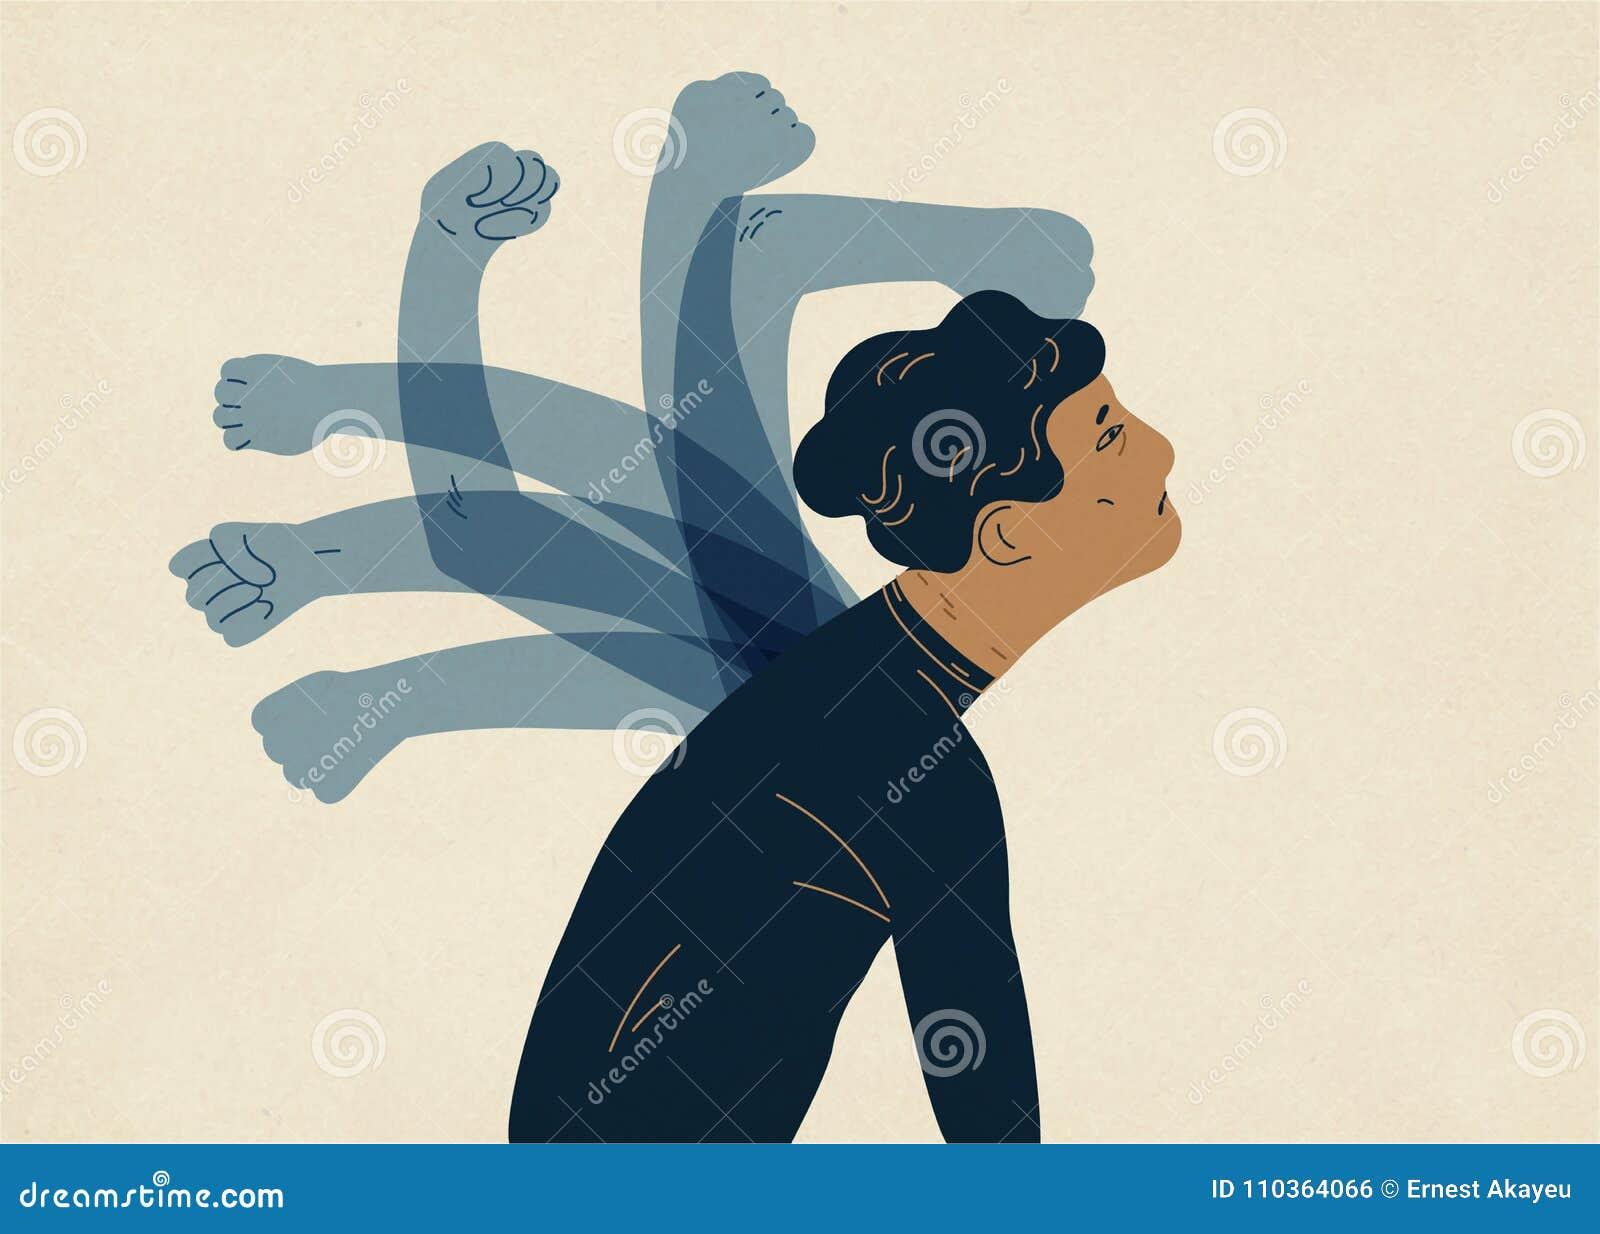 Doorzichtige spookachtige handen die de mens slaan Concept psychologische zelf-flagellatie, zelf-straf, zelf-vernedering, zelf